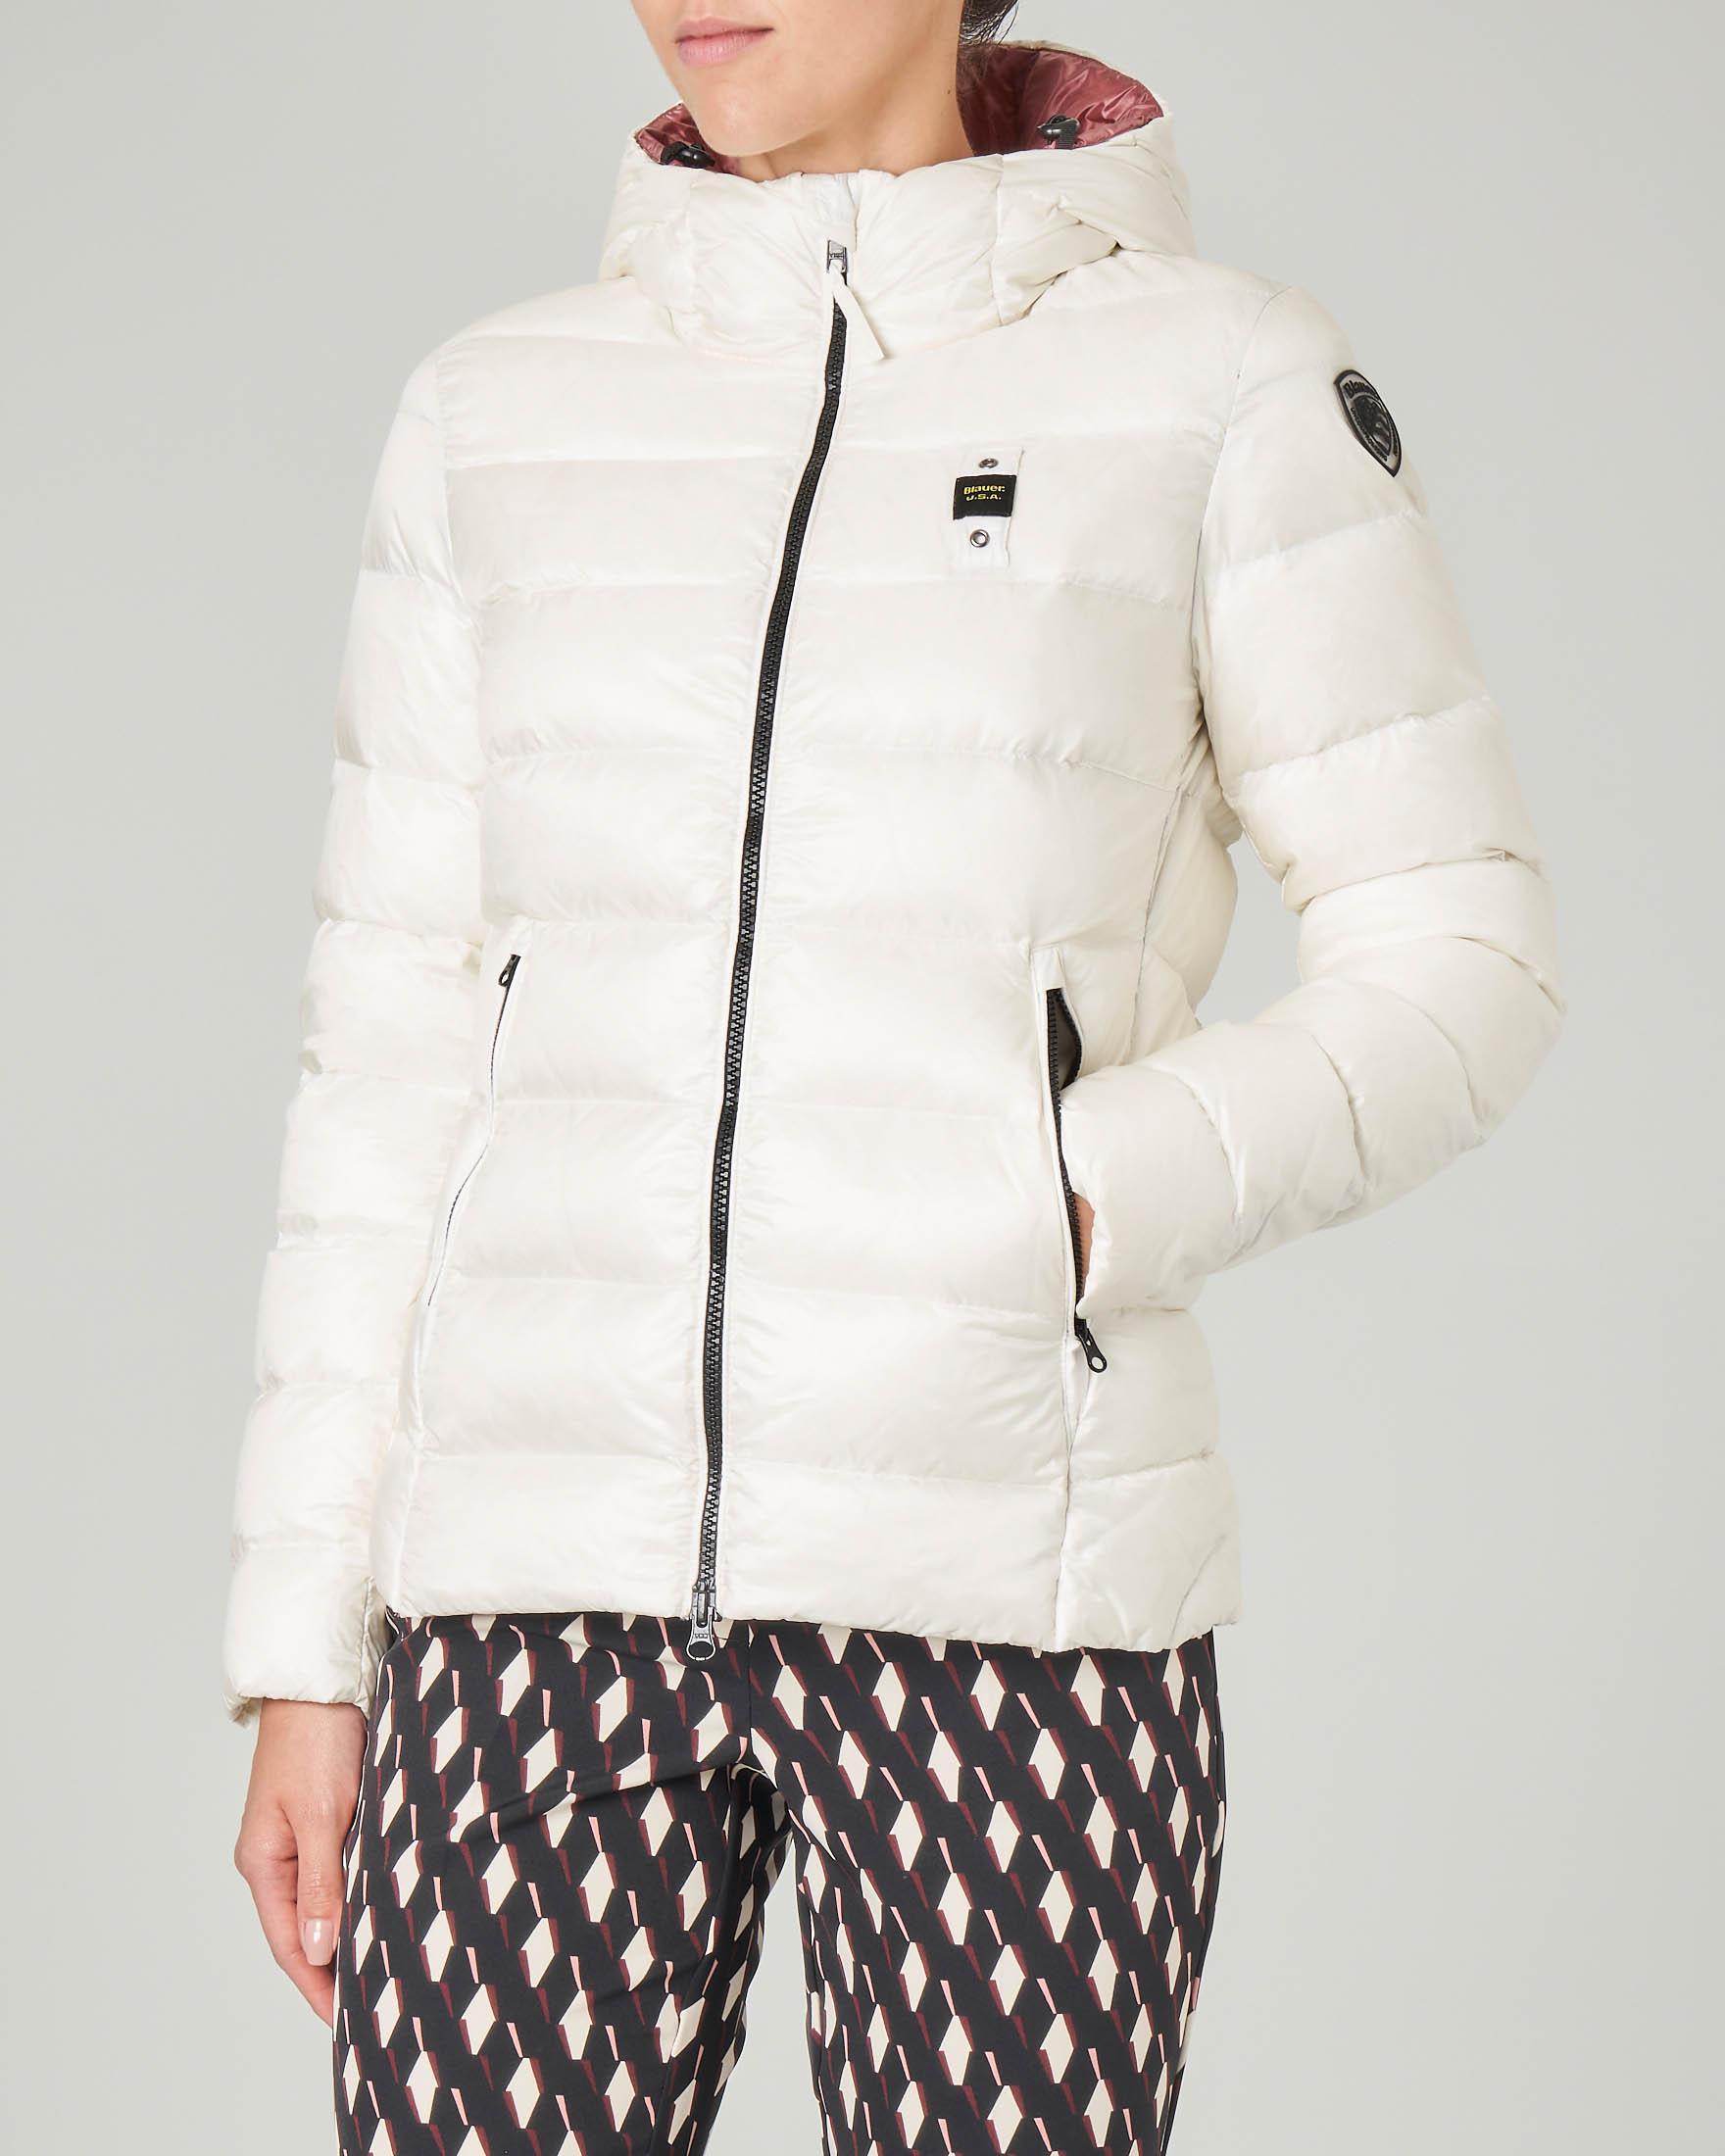 Piumino corto bianco con cappuccio fisso e interno rosa